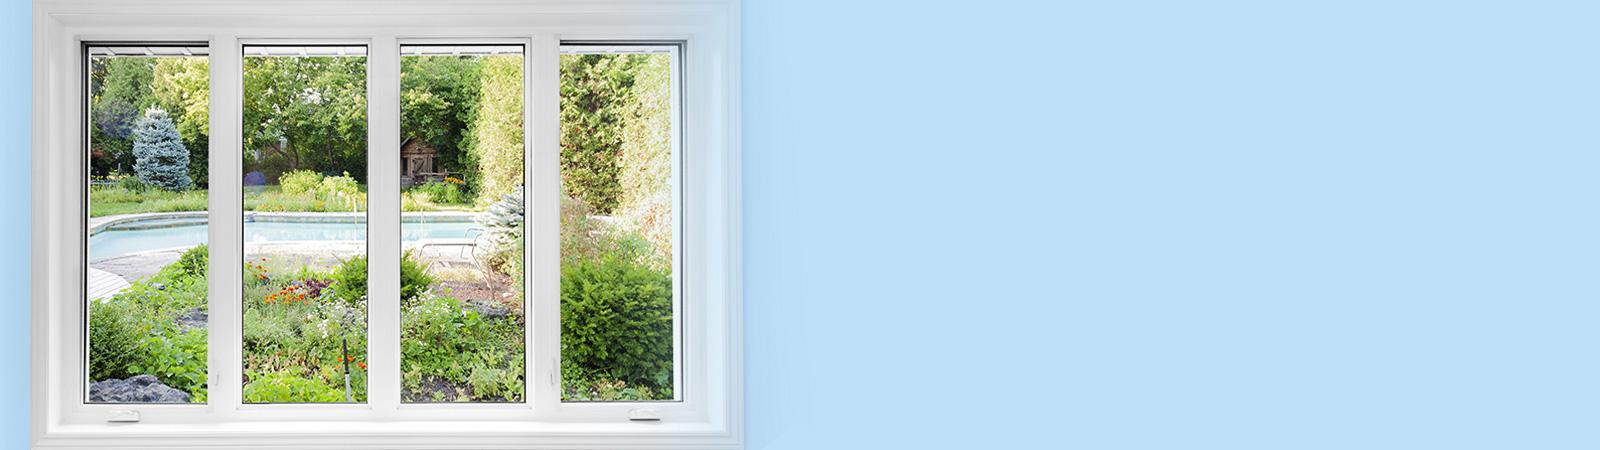 Double Glazing Repair - Misty Glaze